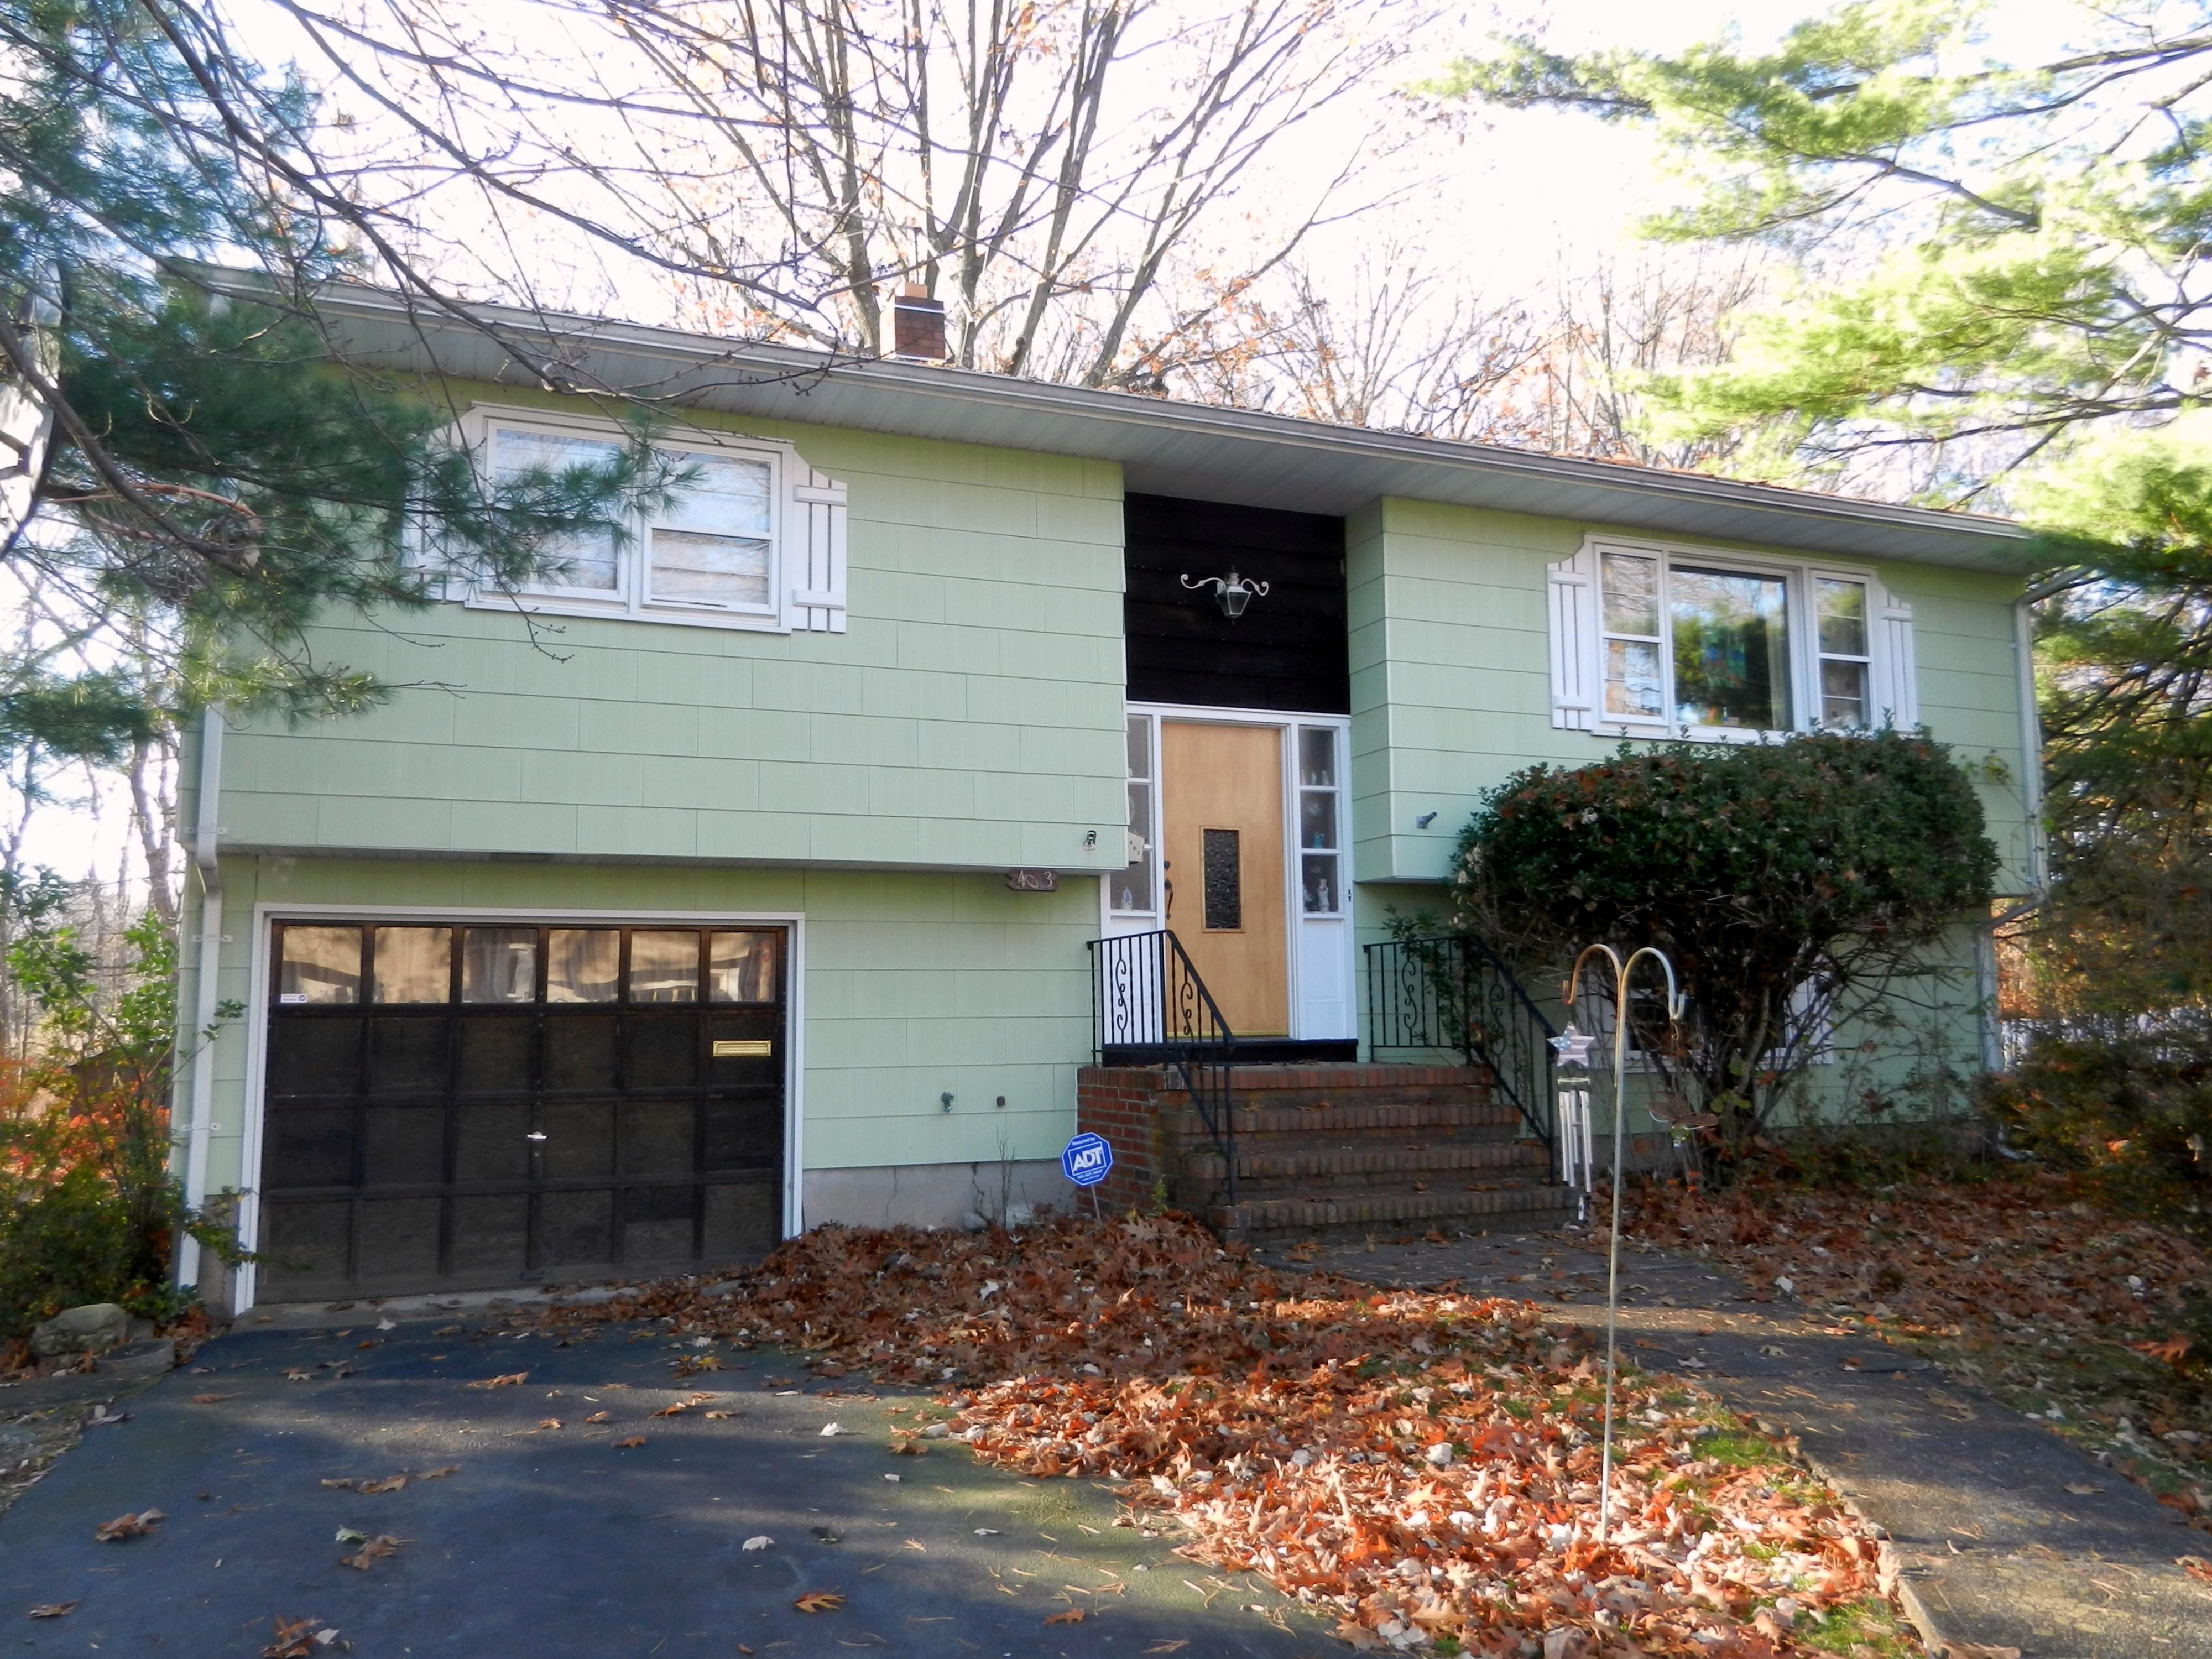 403 Almar Court, Northvale, New Jersey 07647